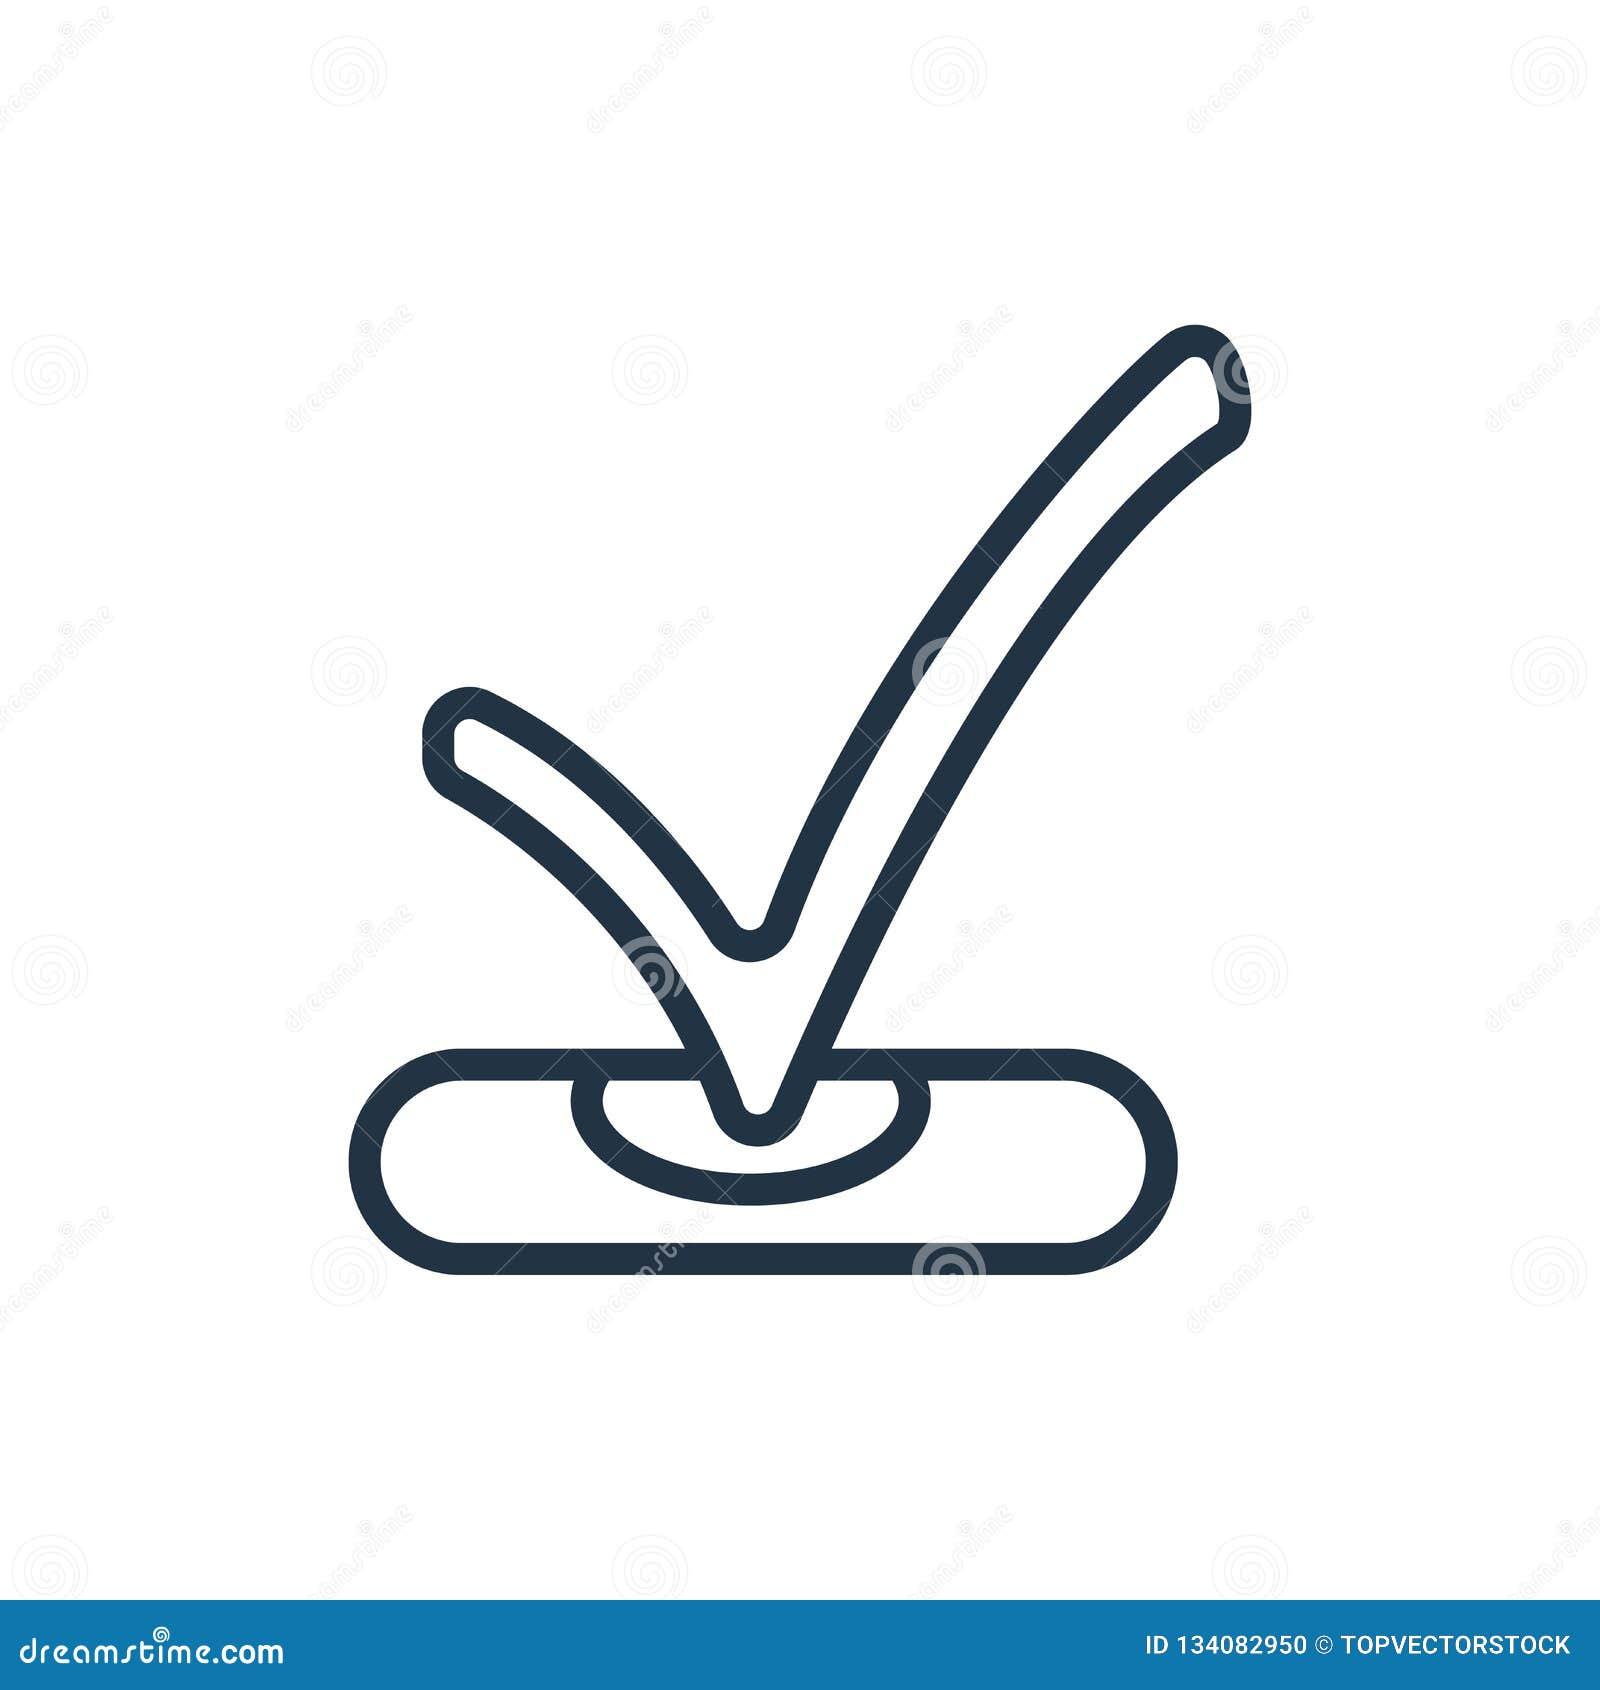 Verifique o vetor do ícone isolado no fundo branco, verifique o sinal